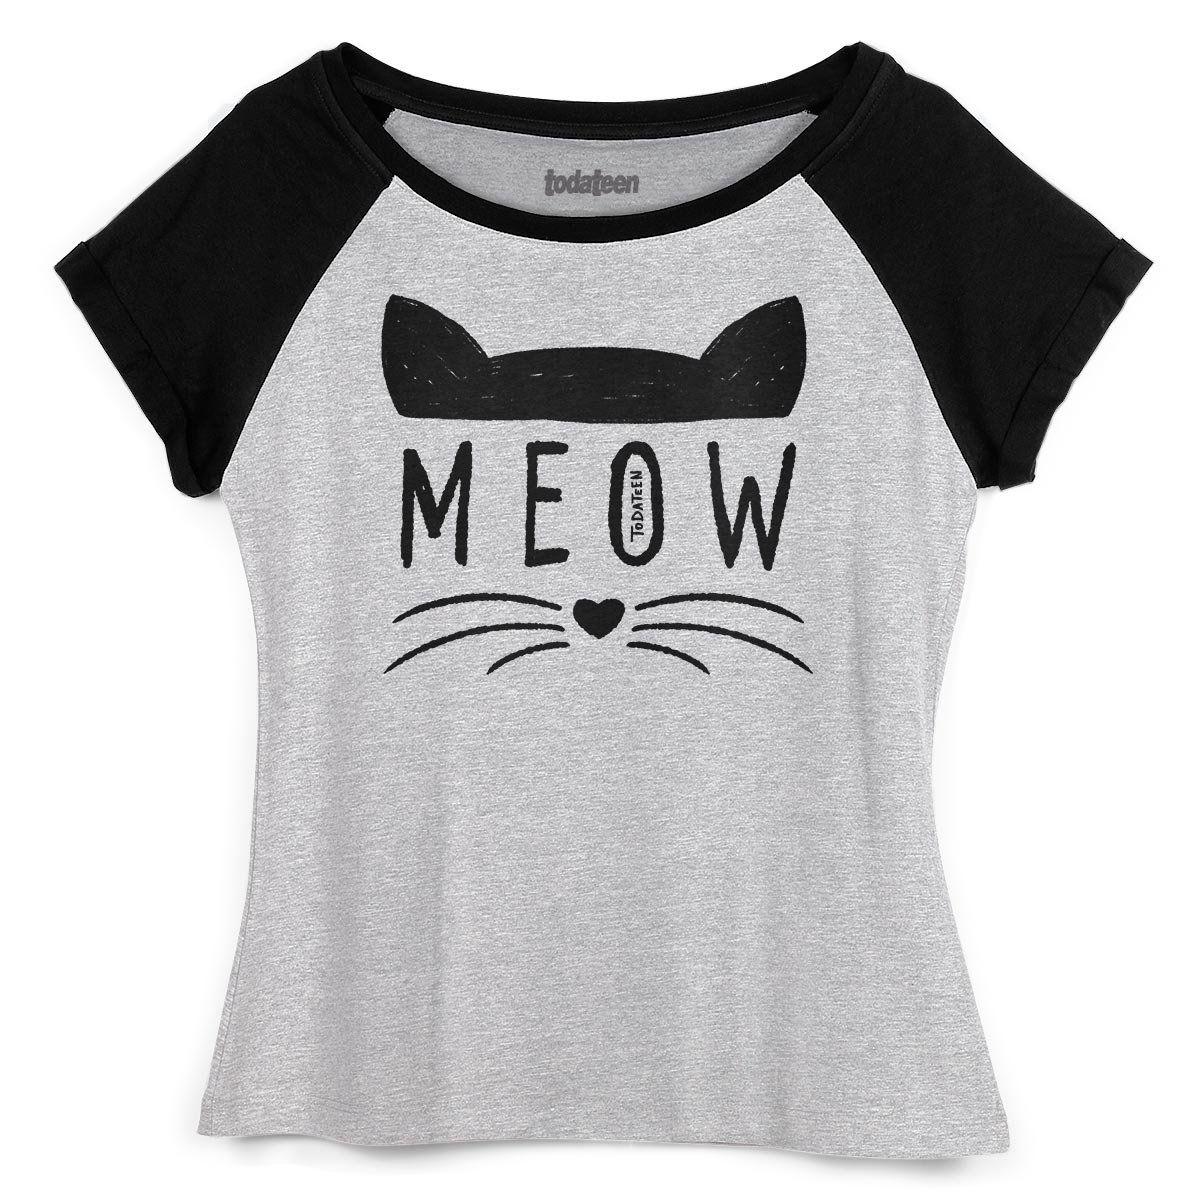 Camiseta Raglan Feminina TodaTeen Meow  - bandUP Store Marketplace